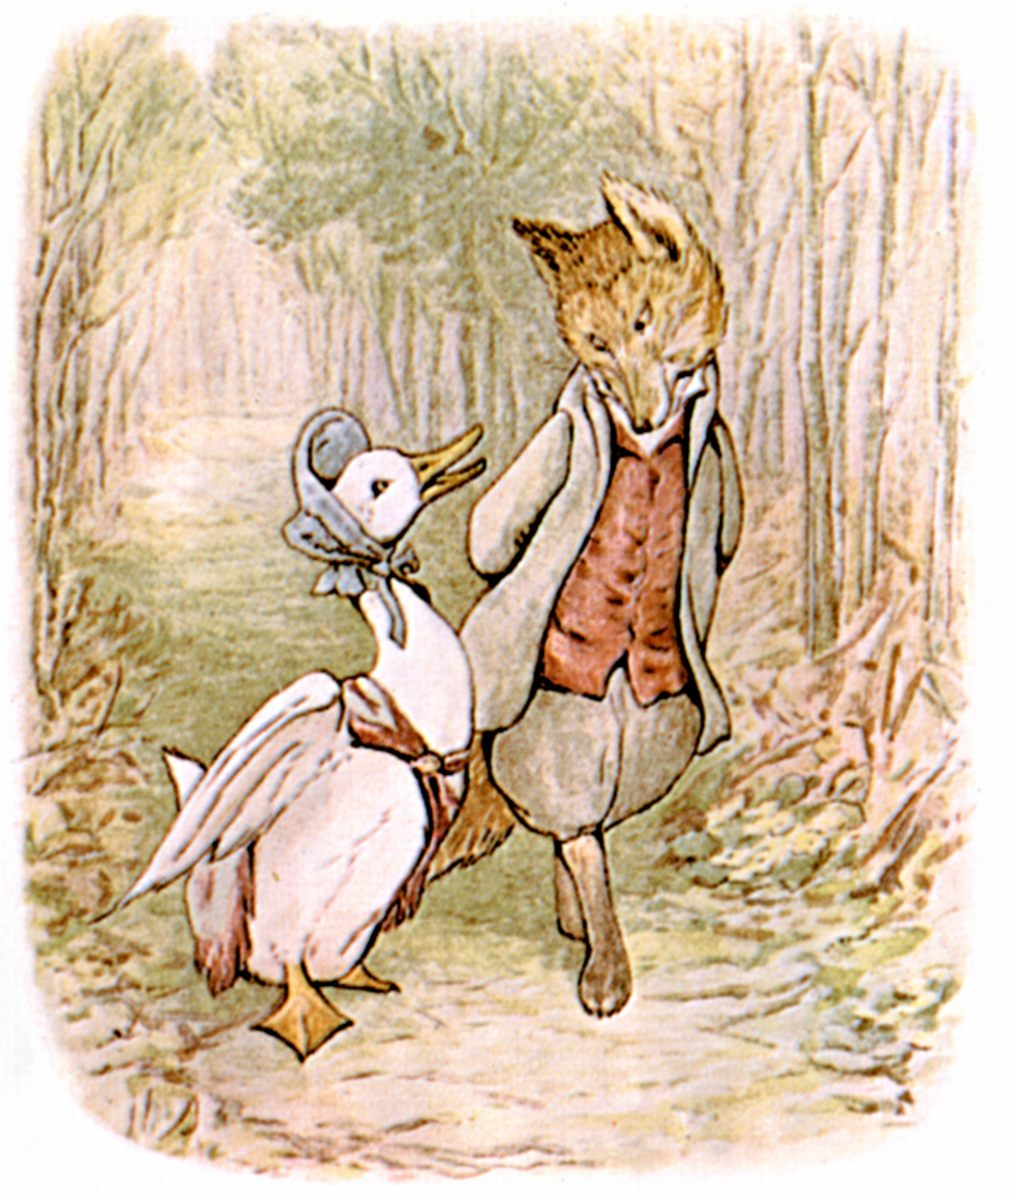 Jemima Puddle-Duck & Foxy Gentleman